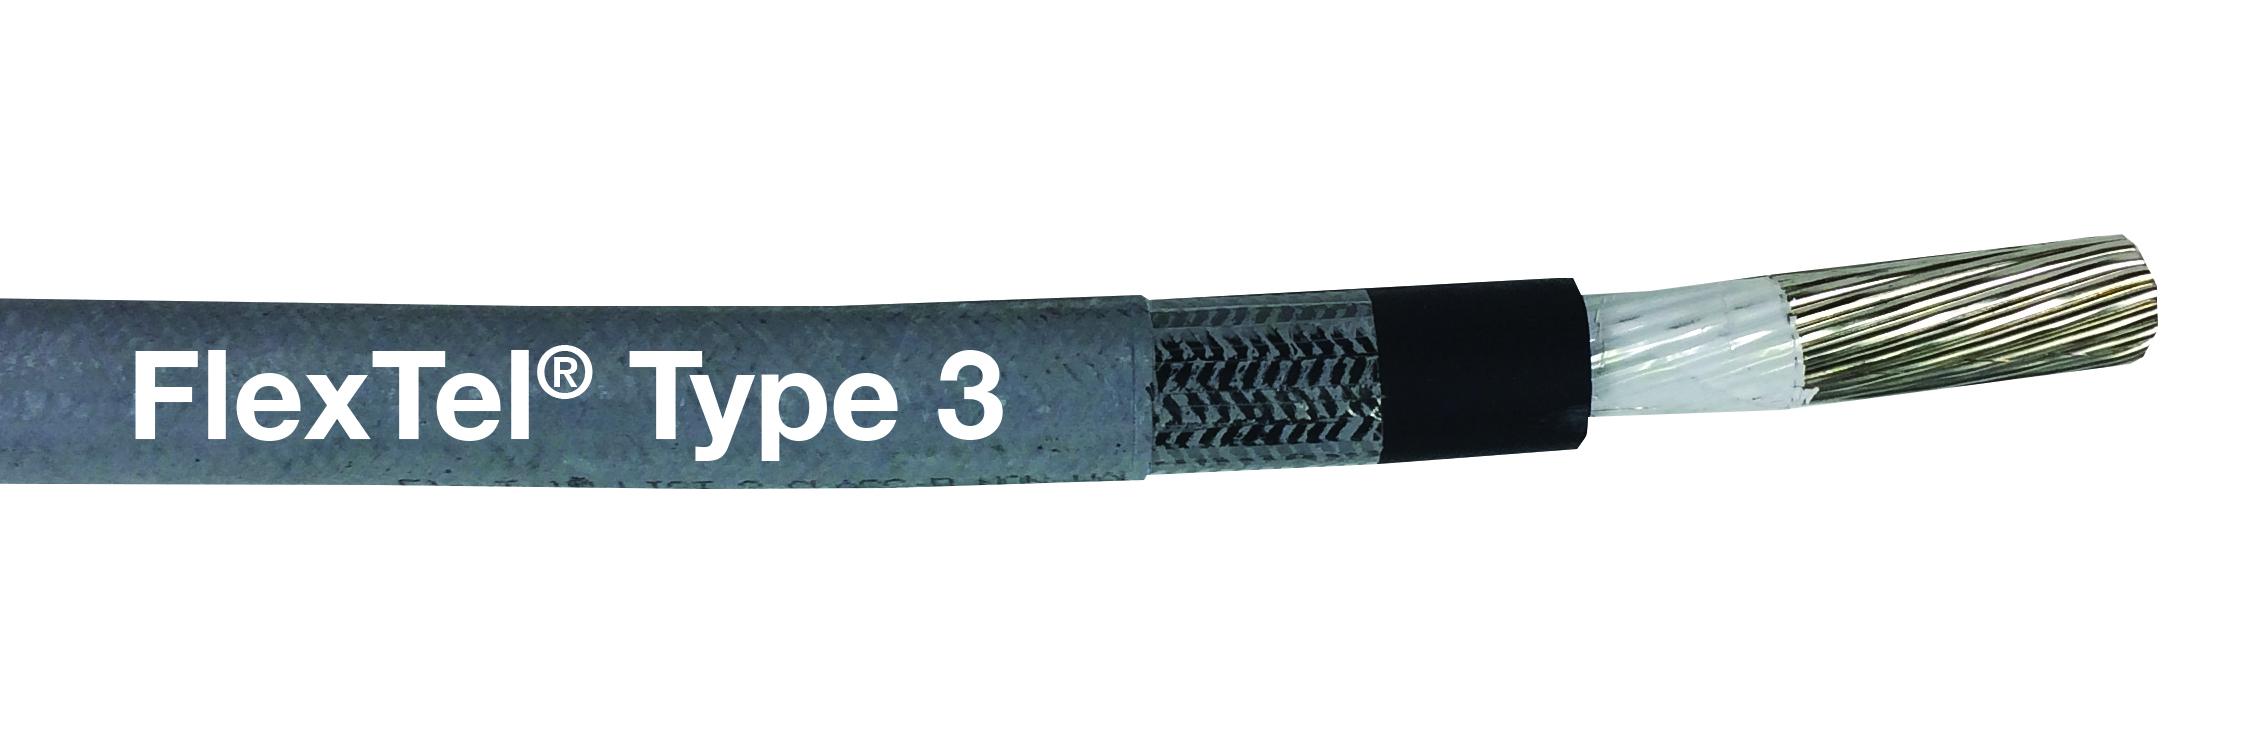 FlexTel Type 3